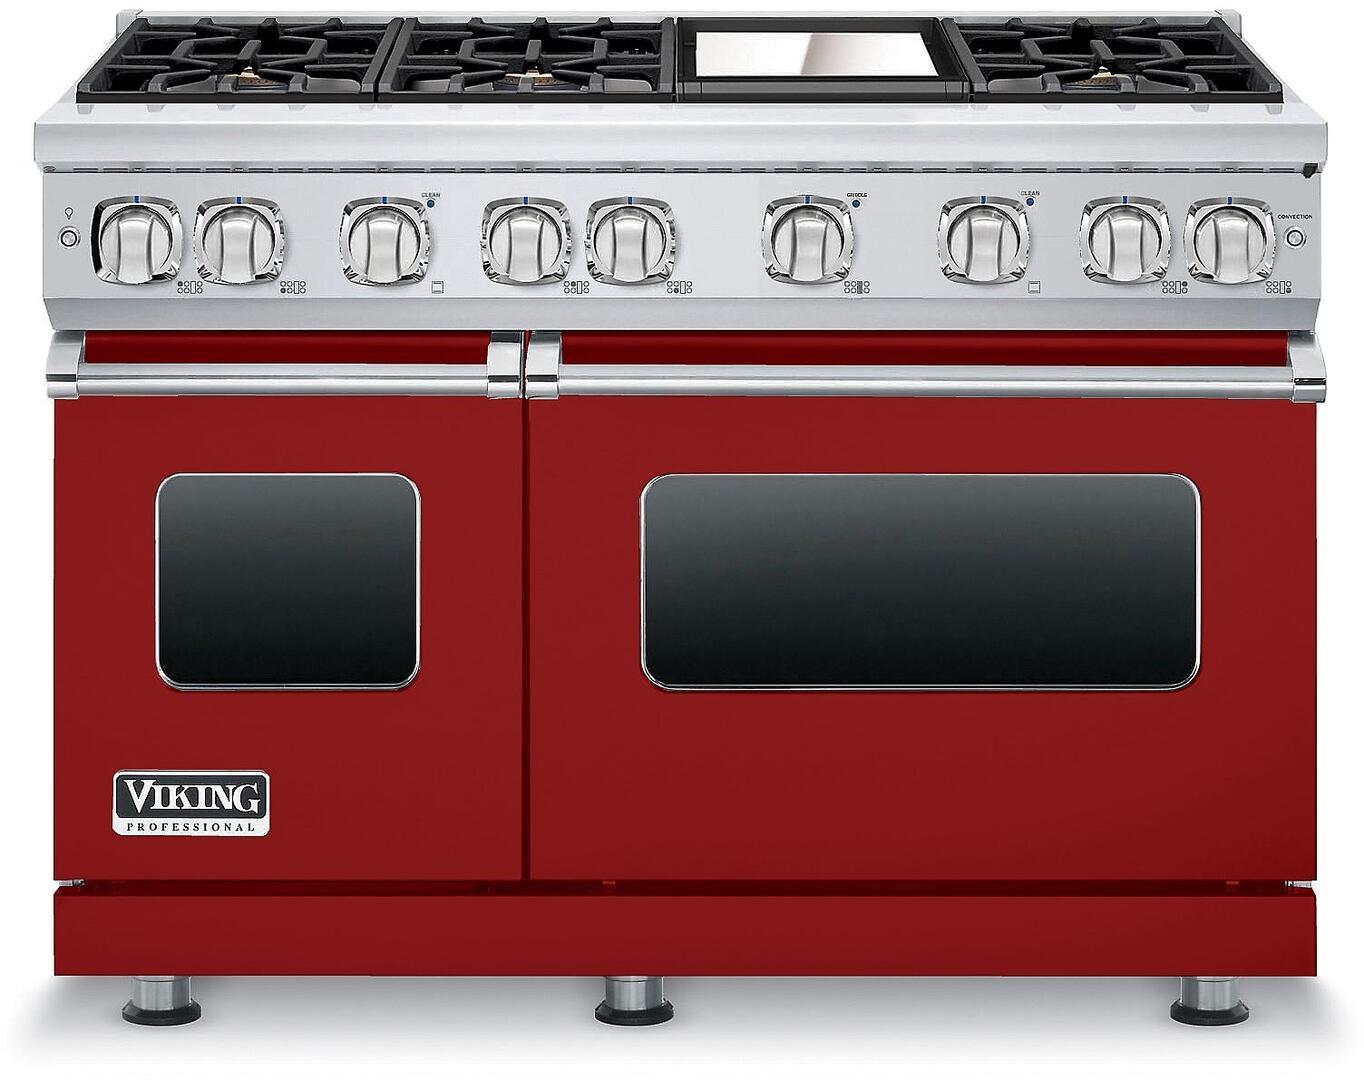 Viking Vgr7486g 48 Professional 7 Series Freestanding Range With 6 Wiring Diagram